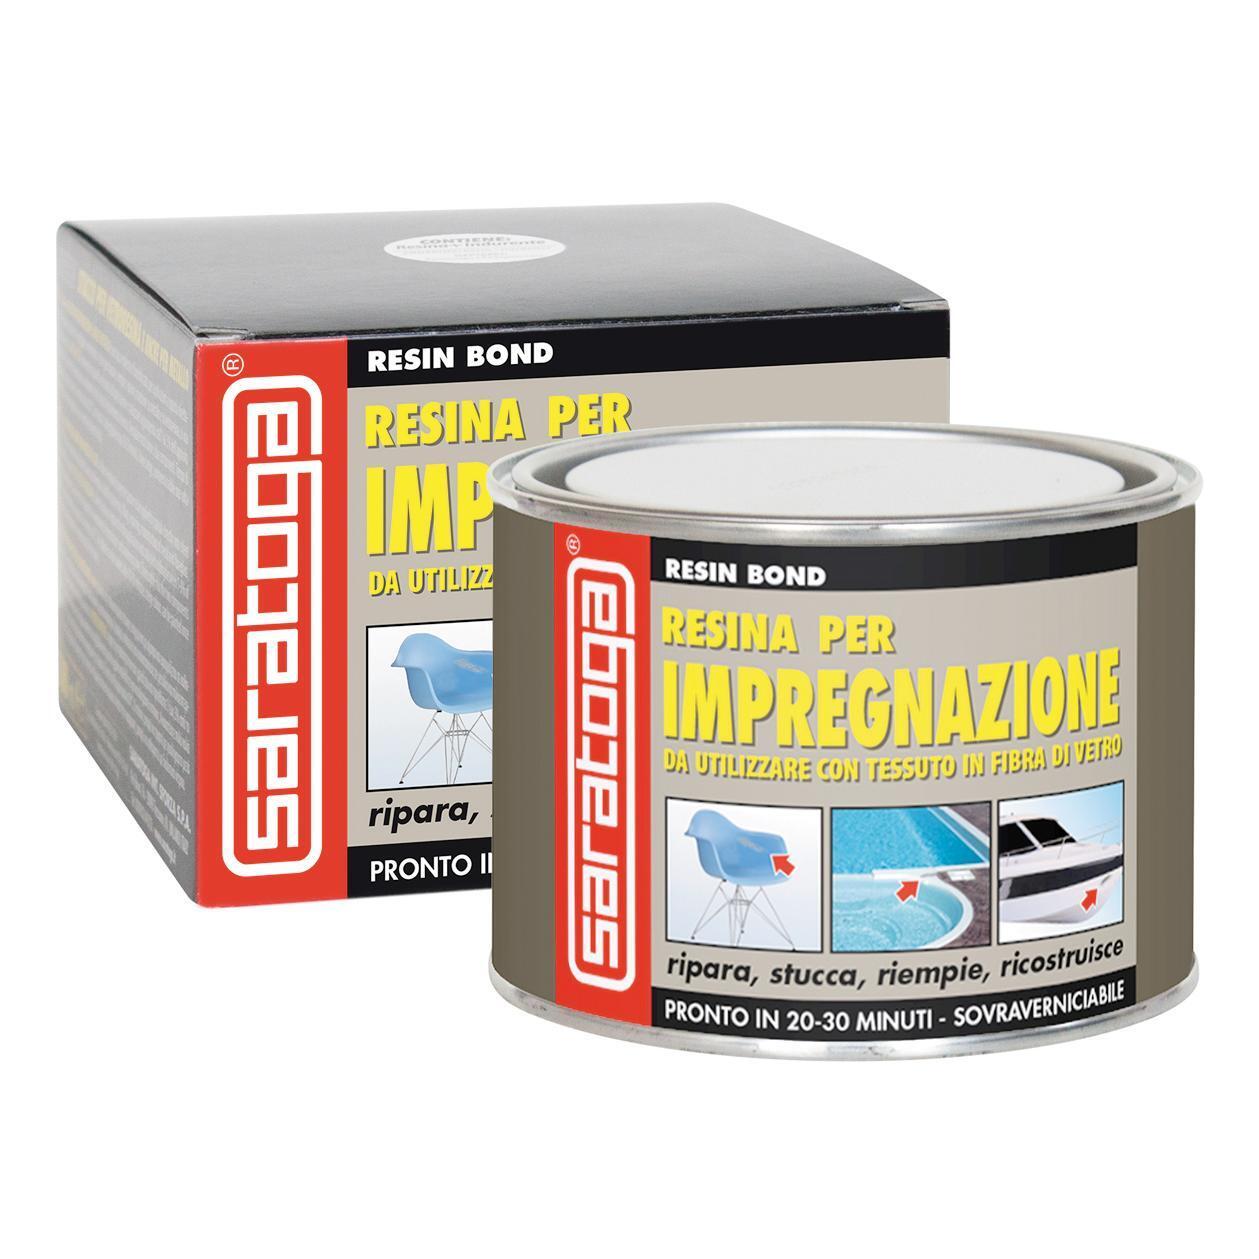 Stucco di riparazione metallo SARATOGA Resin Bond resina per impregnazione 500 ml - 1